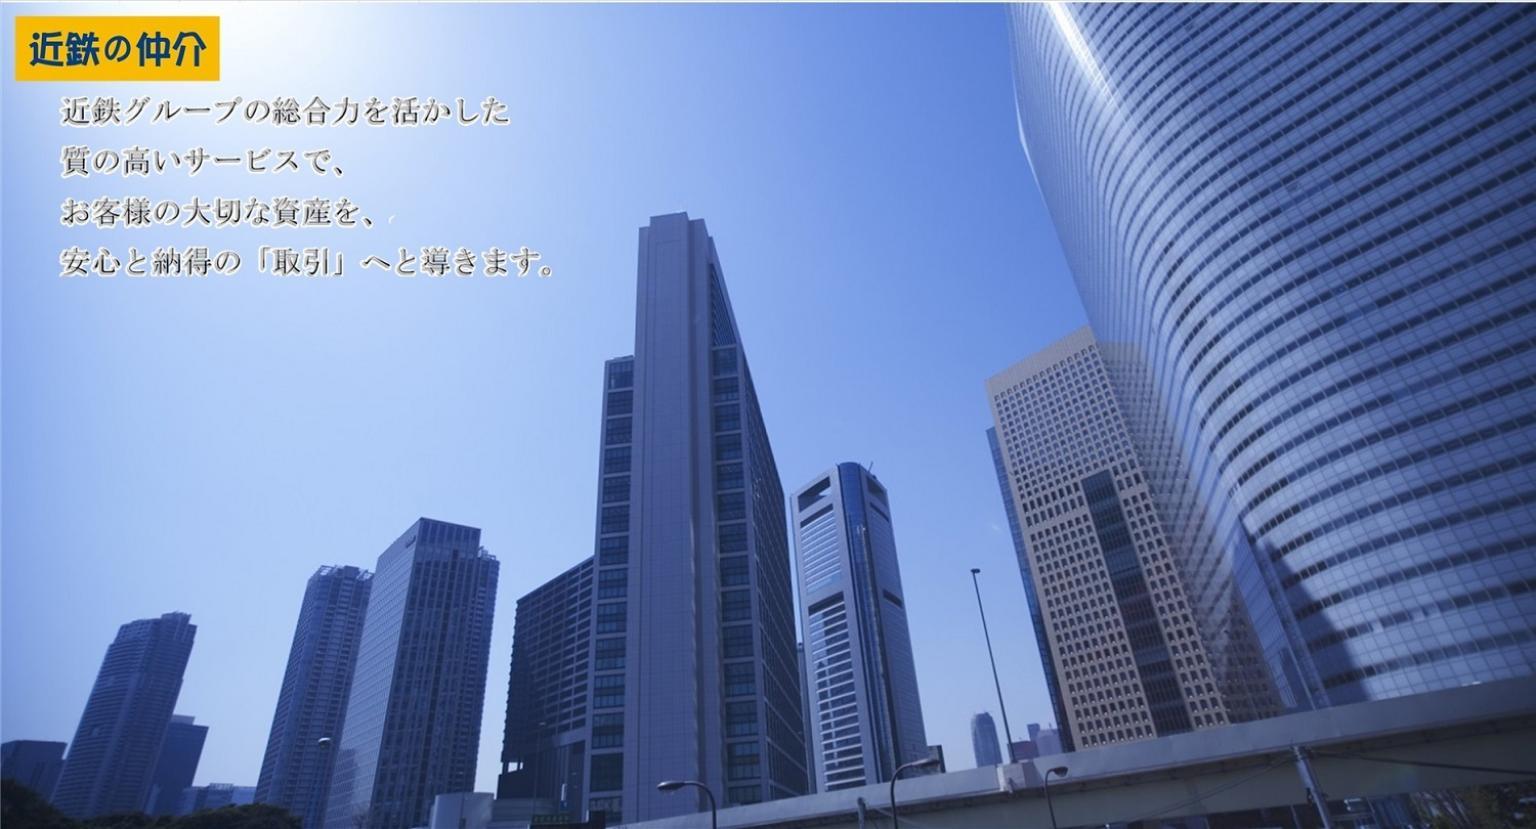 近鉄不動産株式会社 三田営業所